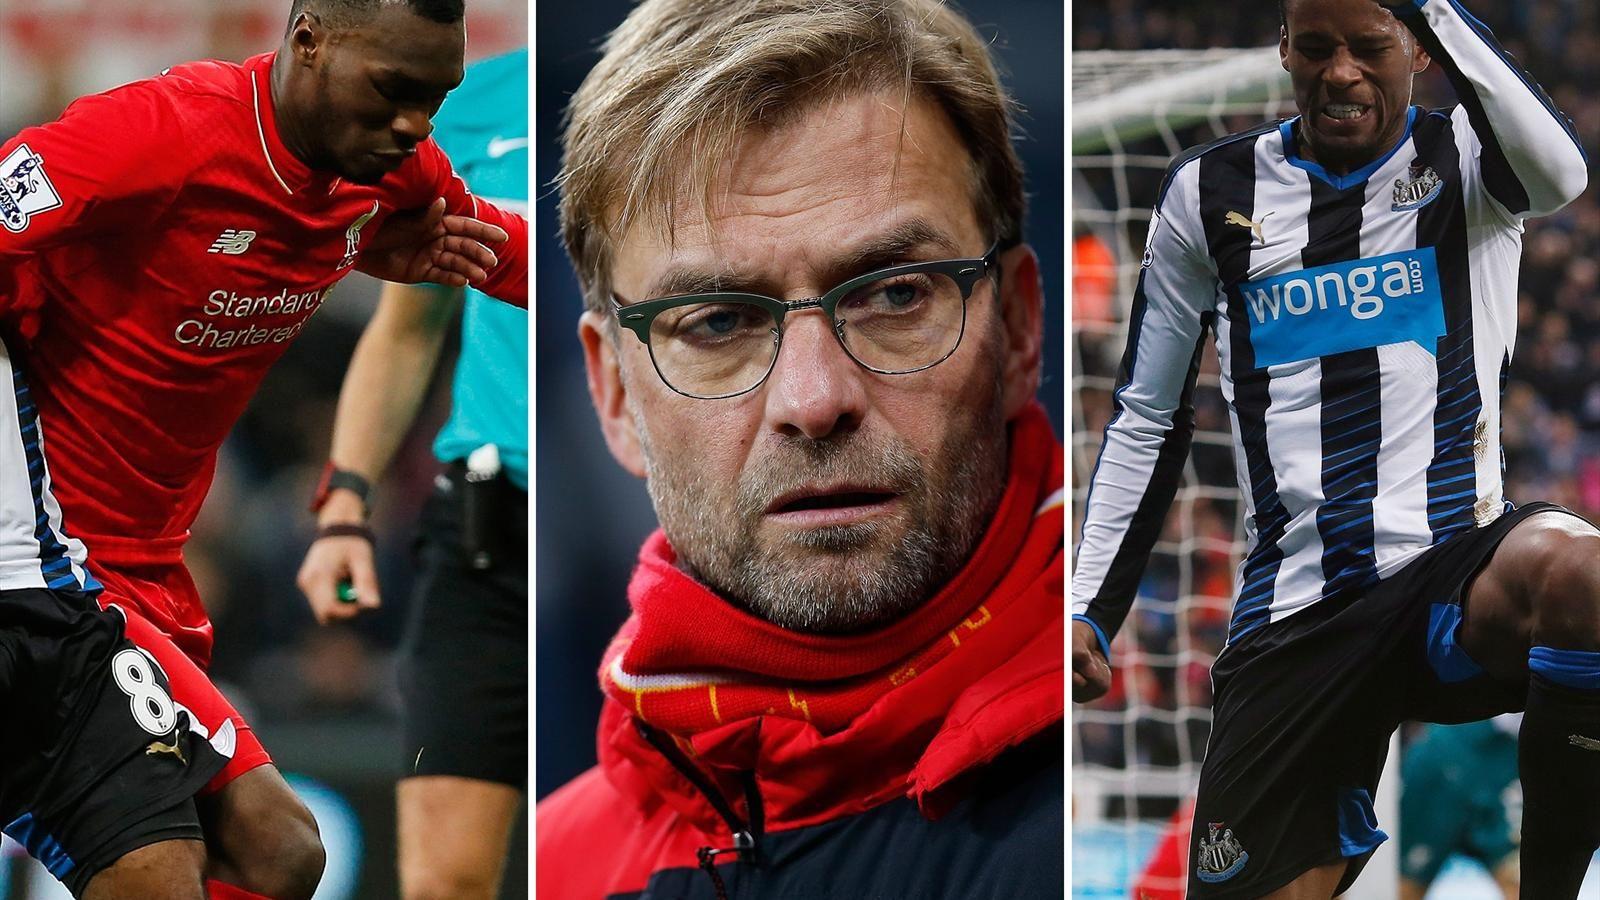 ĐIỂM NHẤN: Benteke là vấn đề của Liverpool. Wijnaldum trên đường thành ngôi sao